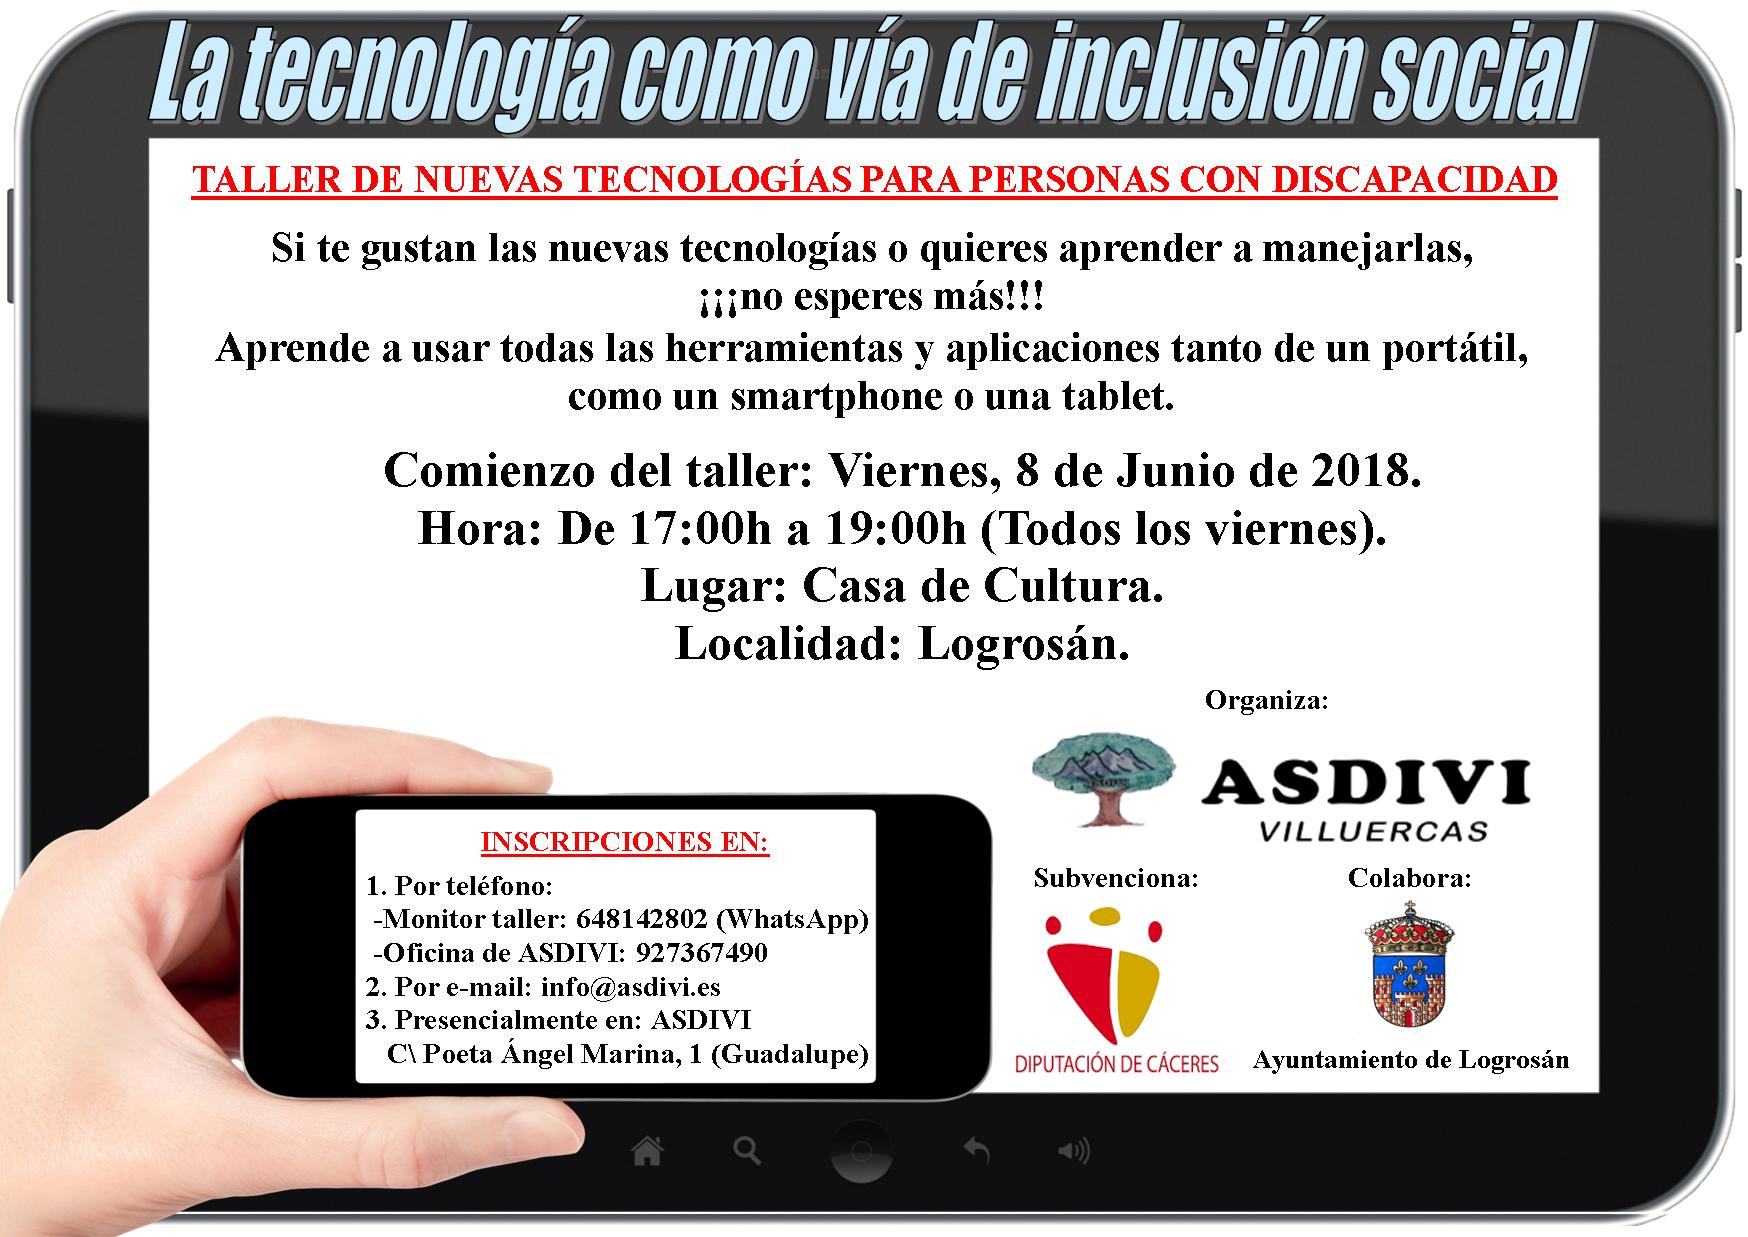 Taller de nuevas tecnologías para personas con discapacidad 2018 - Logrosán